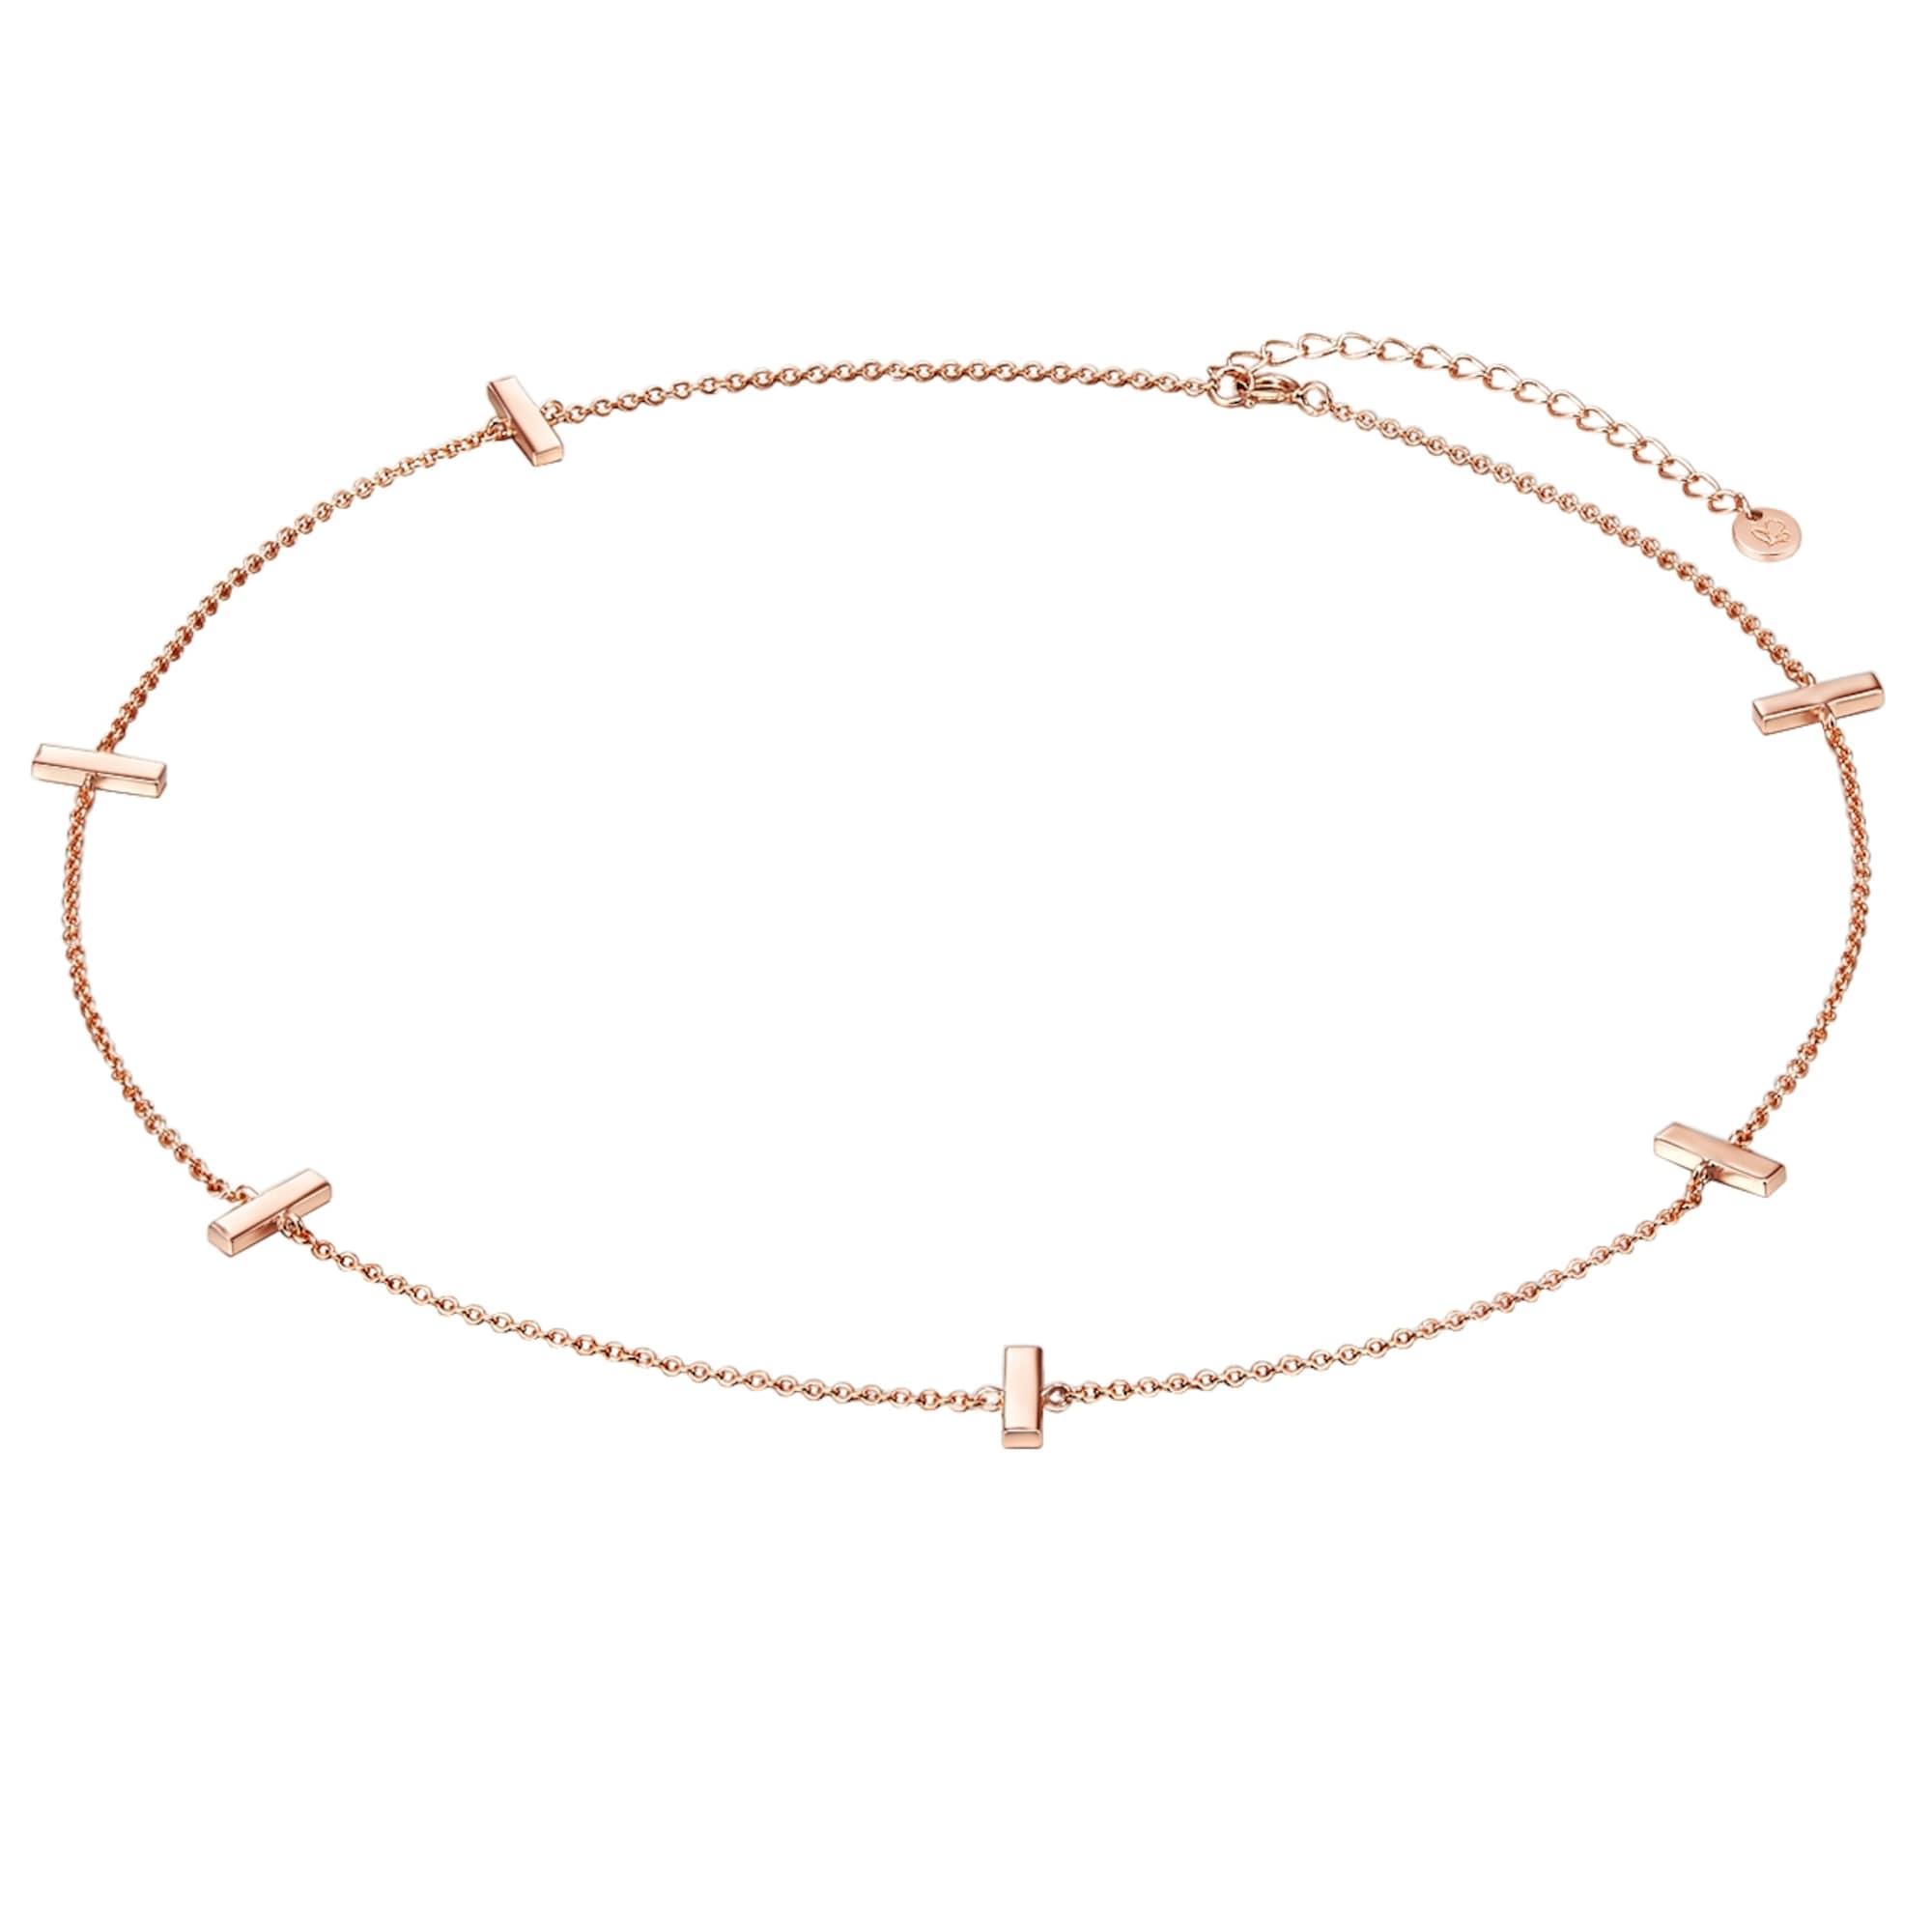 Silberkette | Schmuck > Halsketten | Glanzstücke München